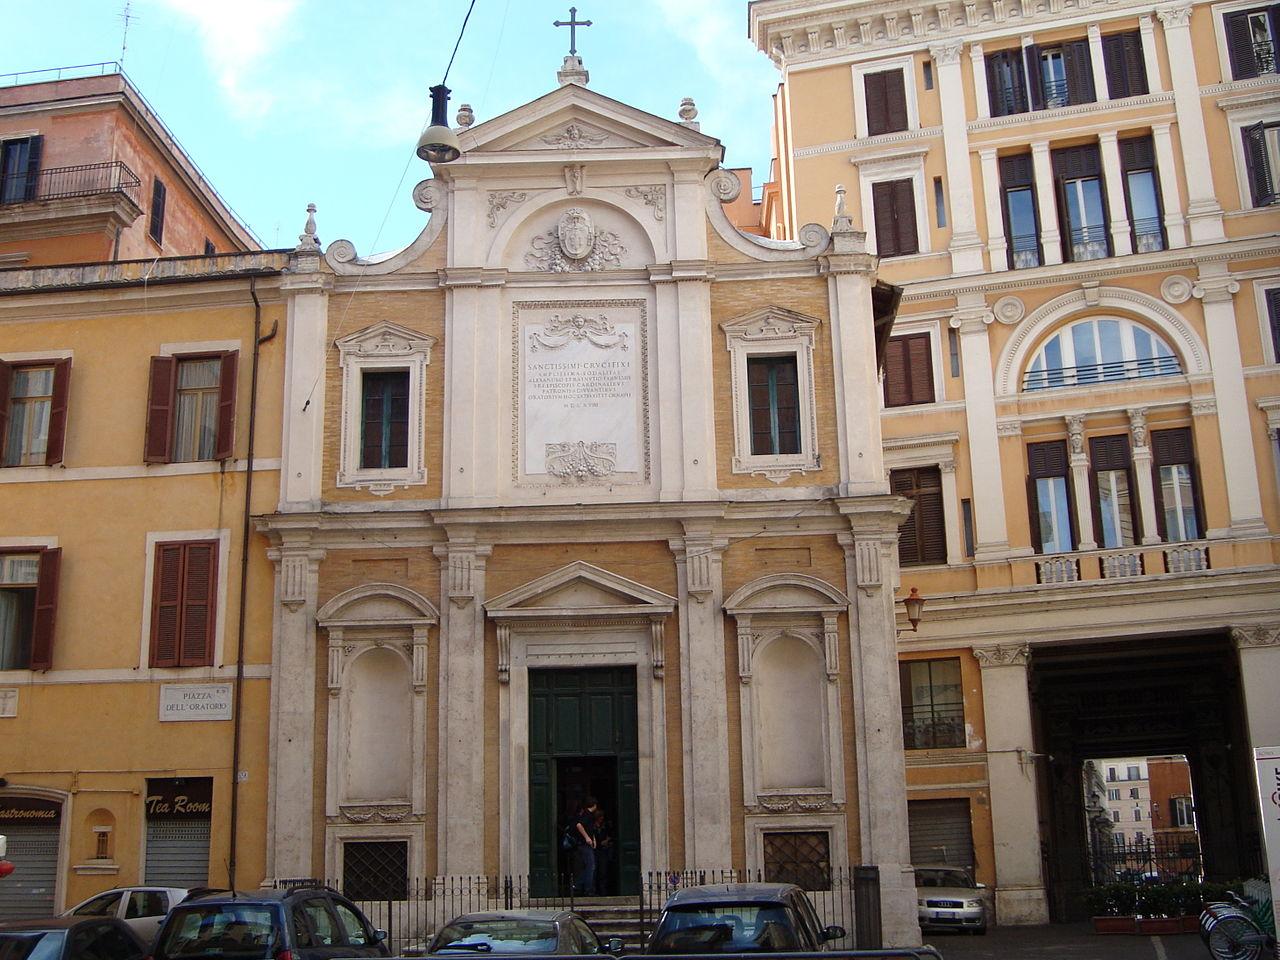 L'oratorio del Santissimo Crocifisso